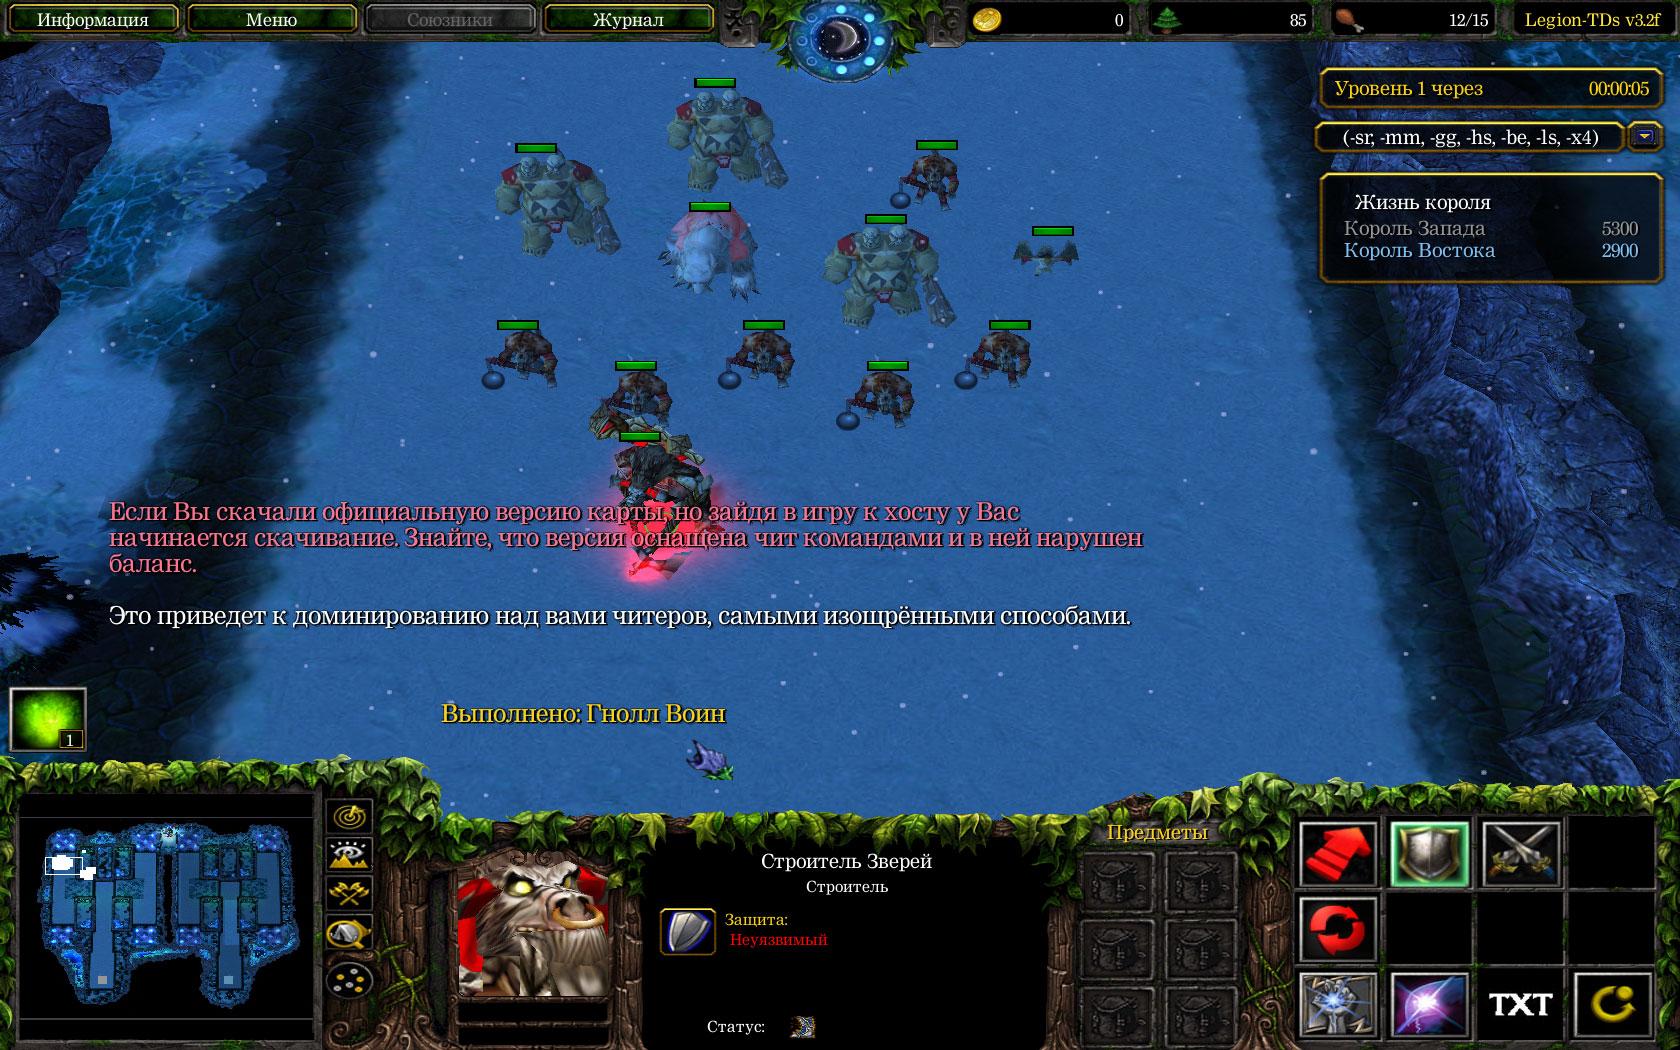 Карта Legion TD Season для игры Warcraft 3